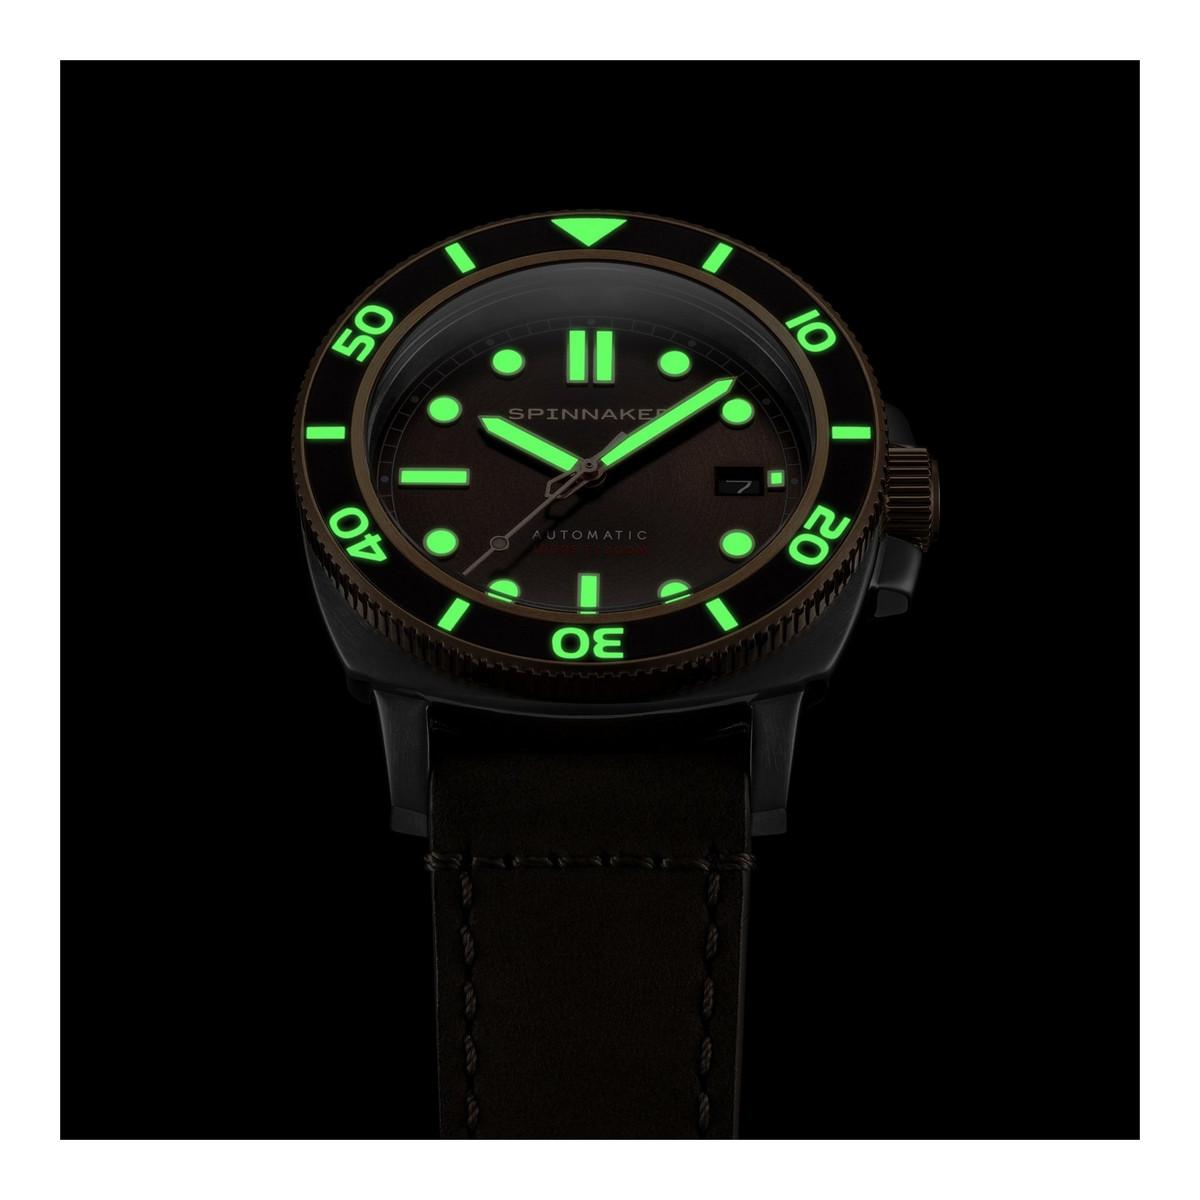 Montre Spinnaker HULL DIVER automatique - cadran et bracelet noir